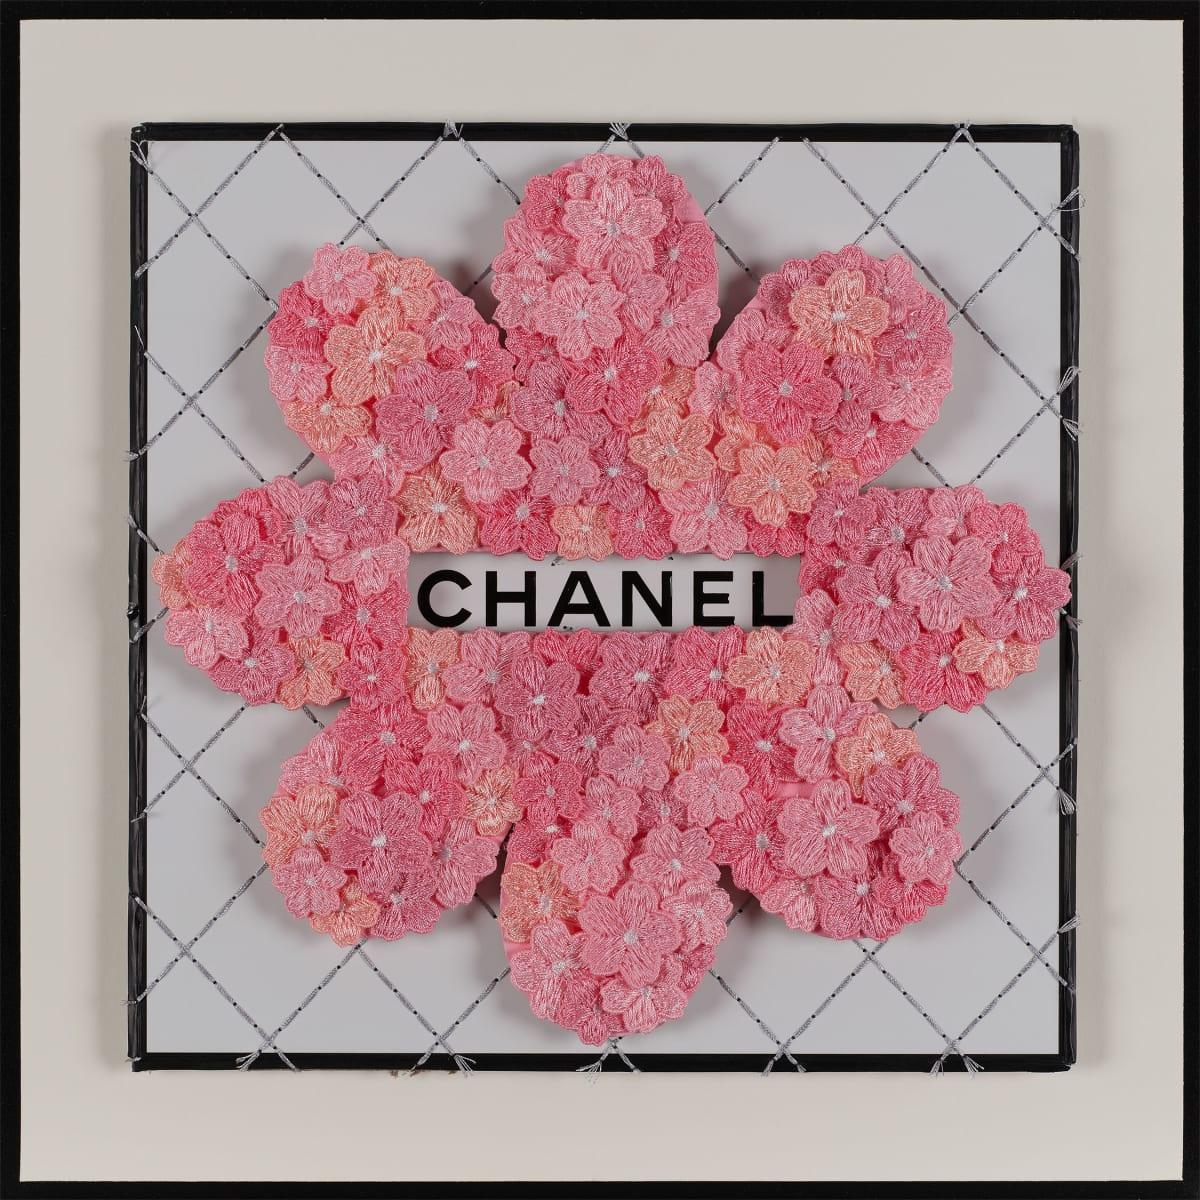 Stephen Wilson, Chanel Flower Flower, Bubblegum, 2019